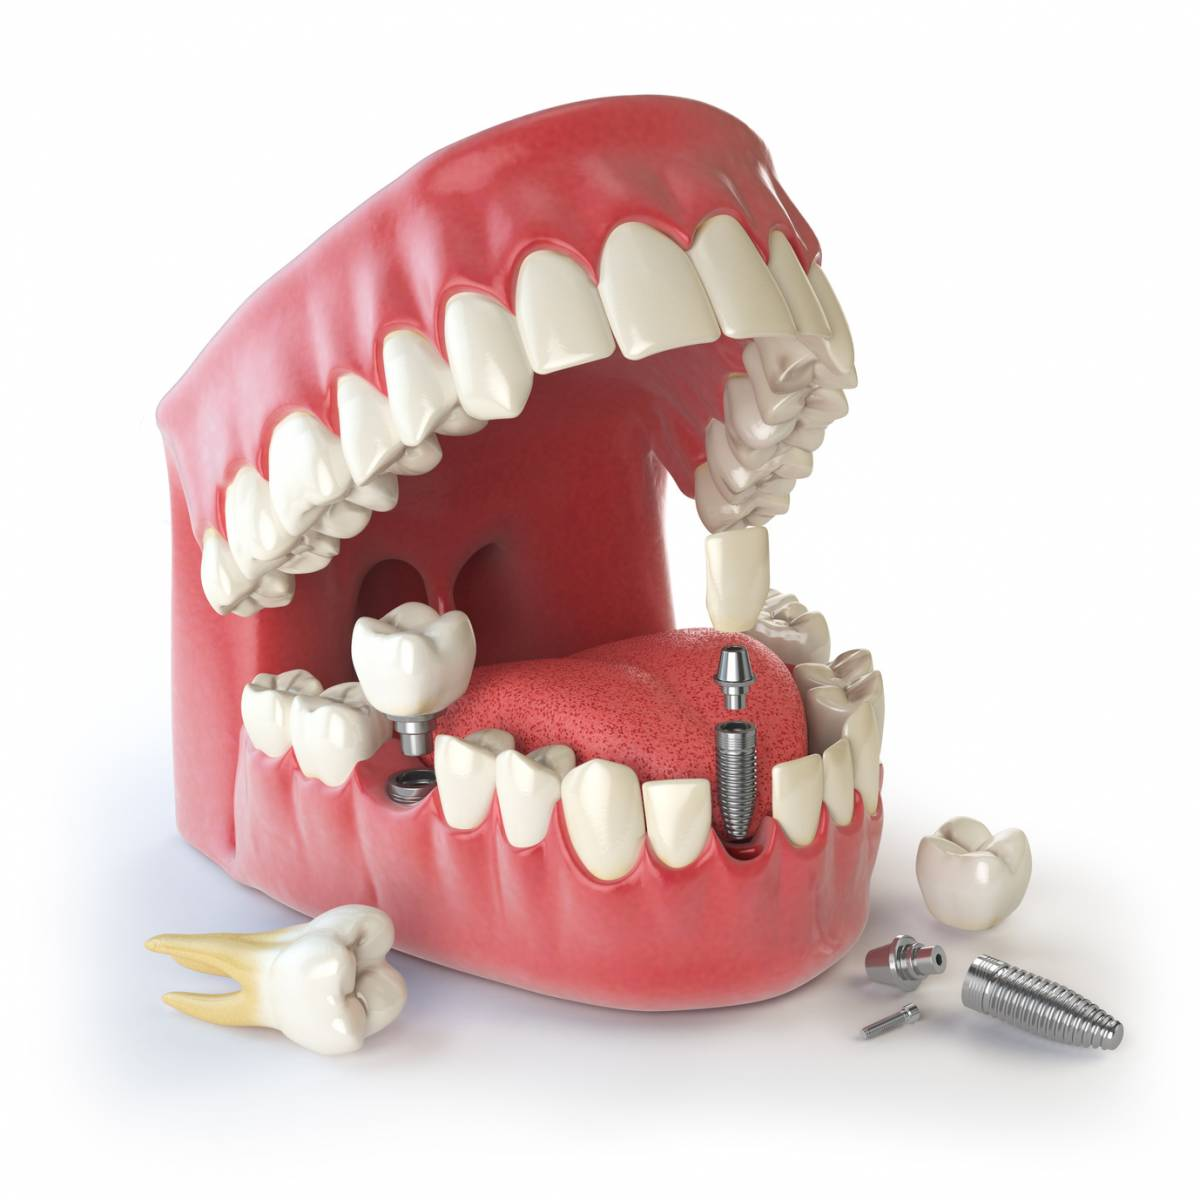 Centre dentaire Bayard : Pourquoi opter pour Bayard à Lyon ?